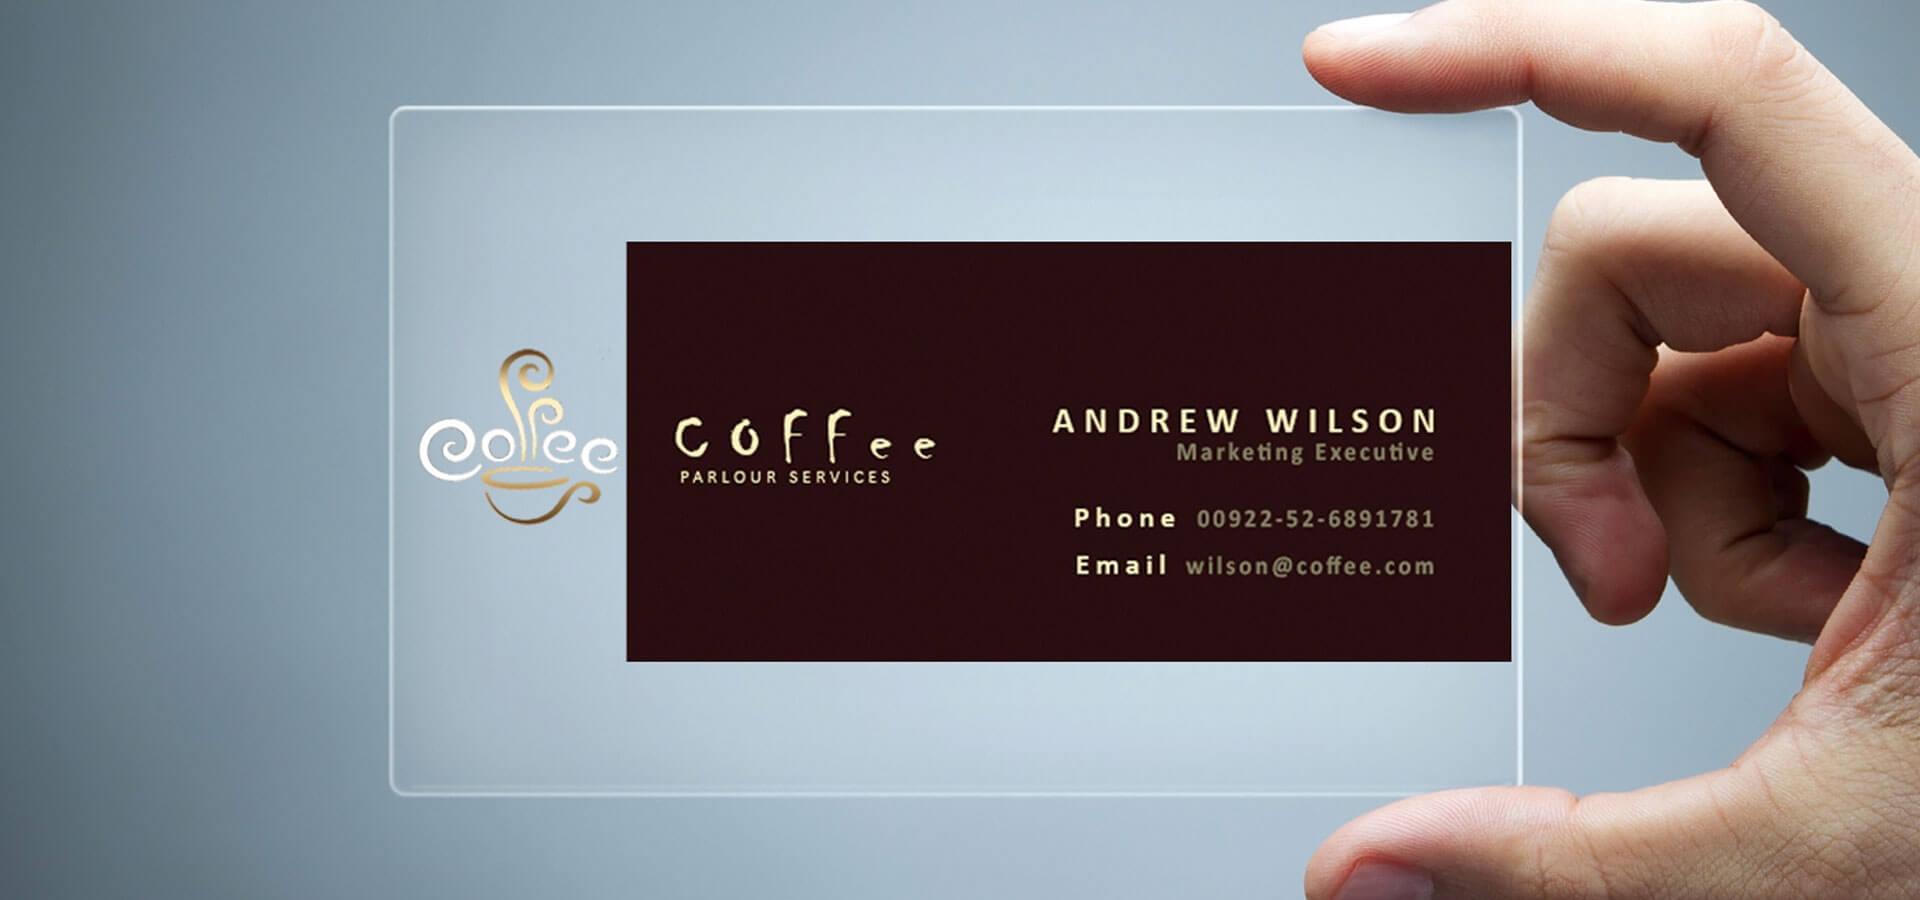 26+ Transparent Business Card Templates - Illustrator, Ms With Free Business Card Templates In Psd Format